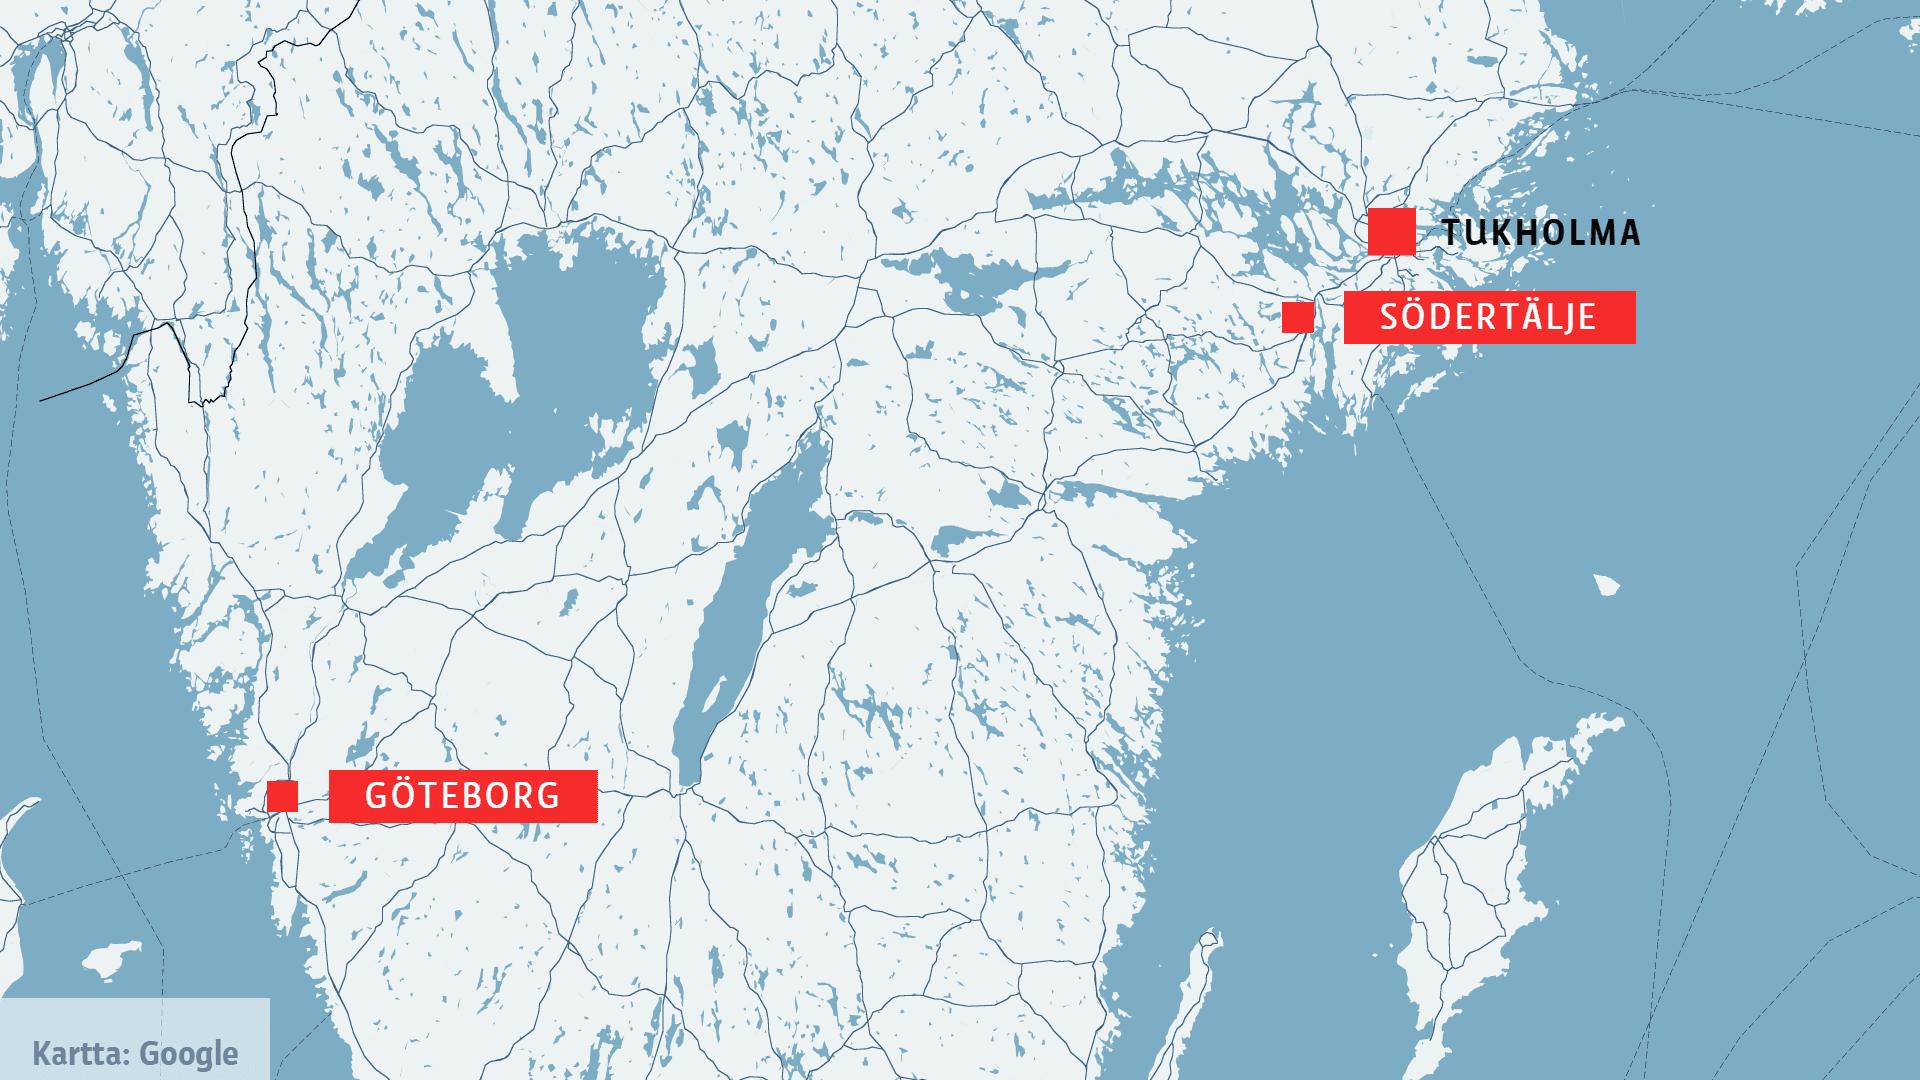 Ruotsin kartta, johon on merkitty Tukholma, Södertälje ja Göteborg.